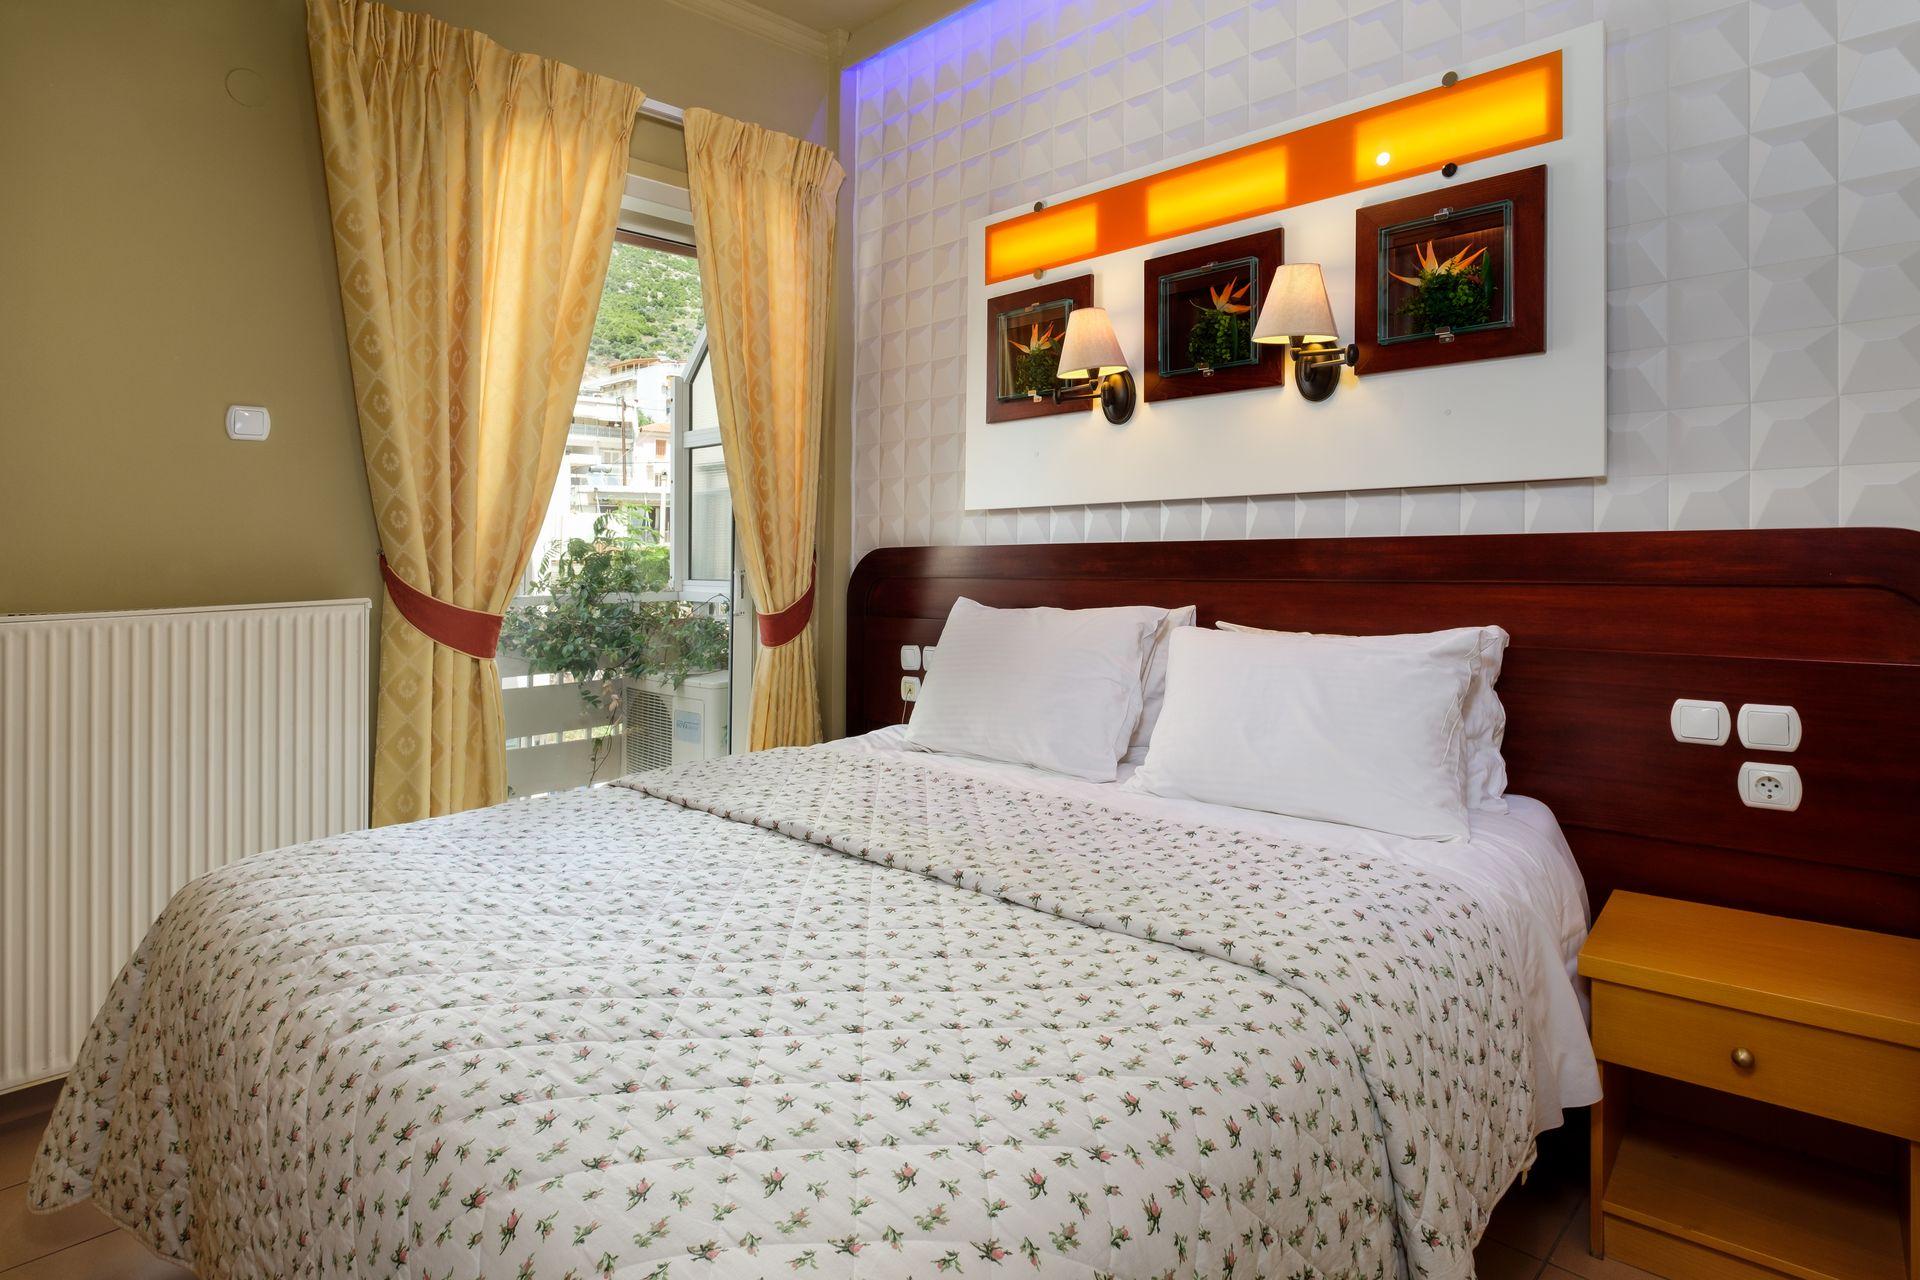 _10v_ 0755_2020_10_hotel segas-edit_resized